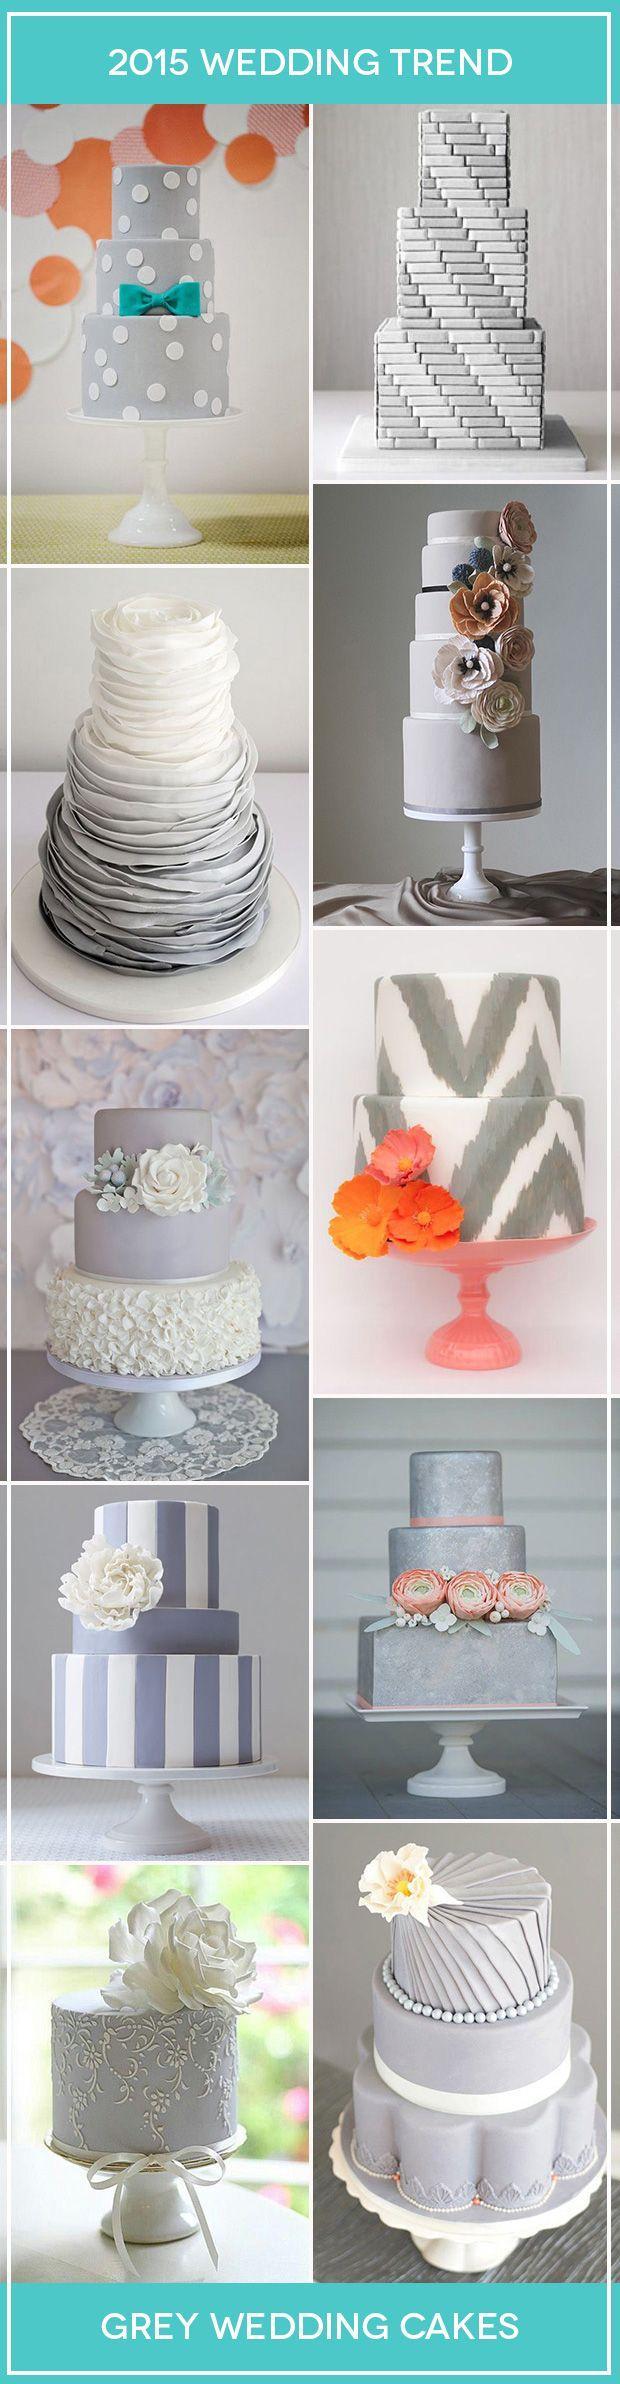 زفاف - Elegant And Unusual: Grey Wedding Cakes